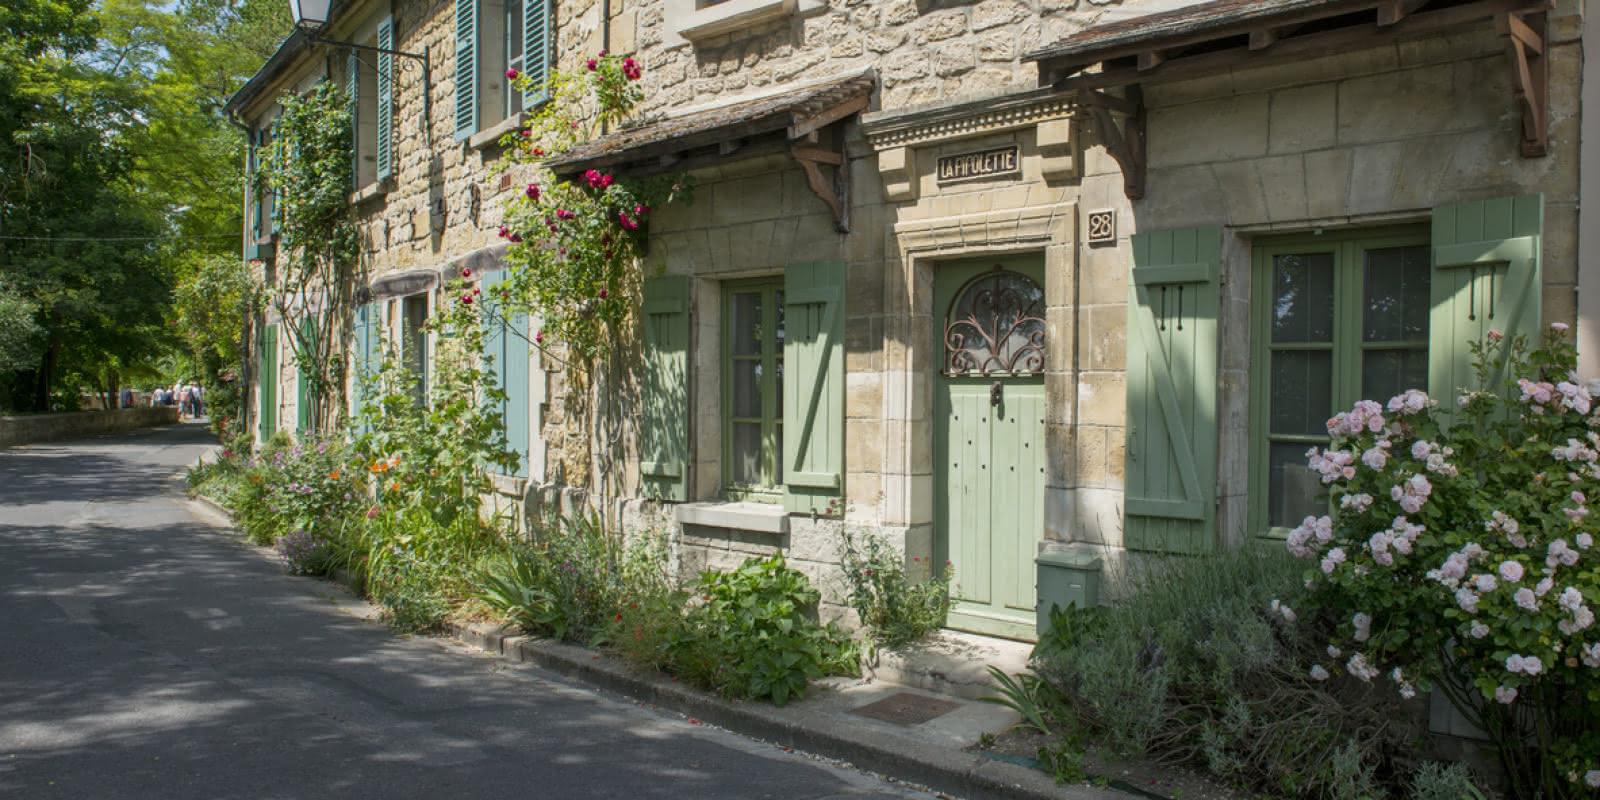 Photo d'une maison dans une rue du village d'Auvers-sur-Oise